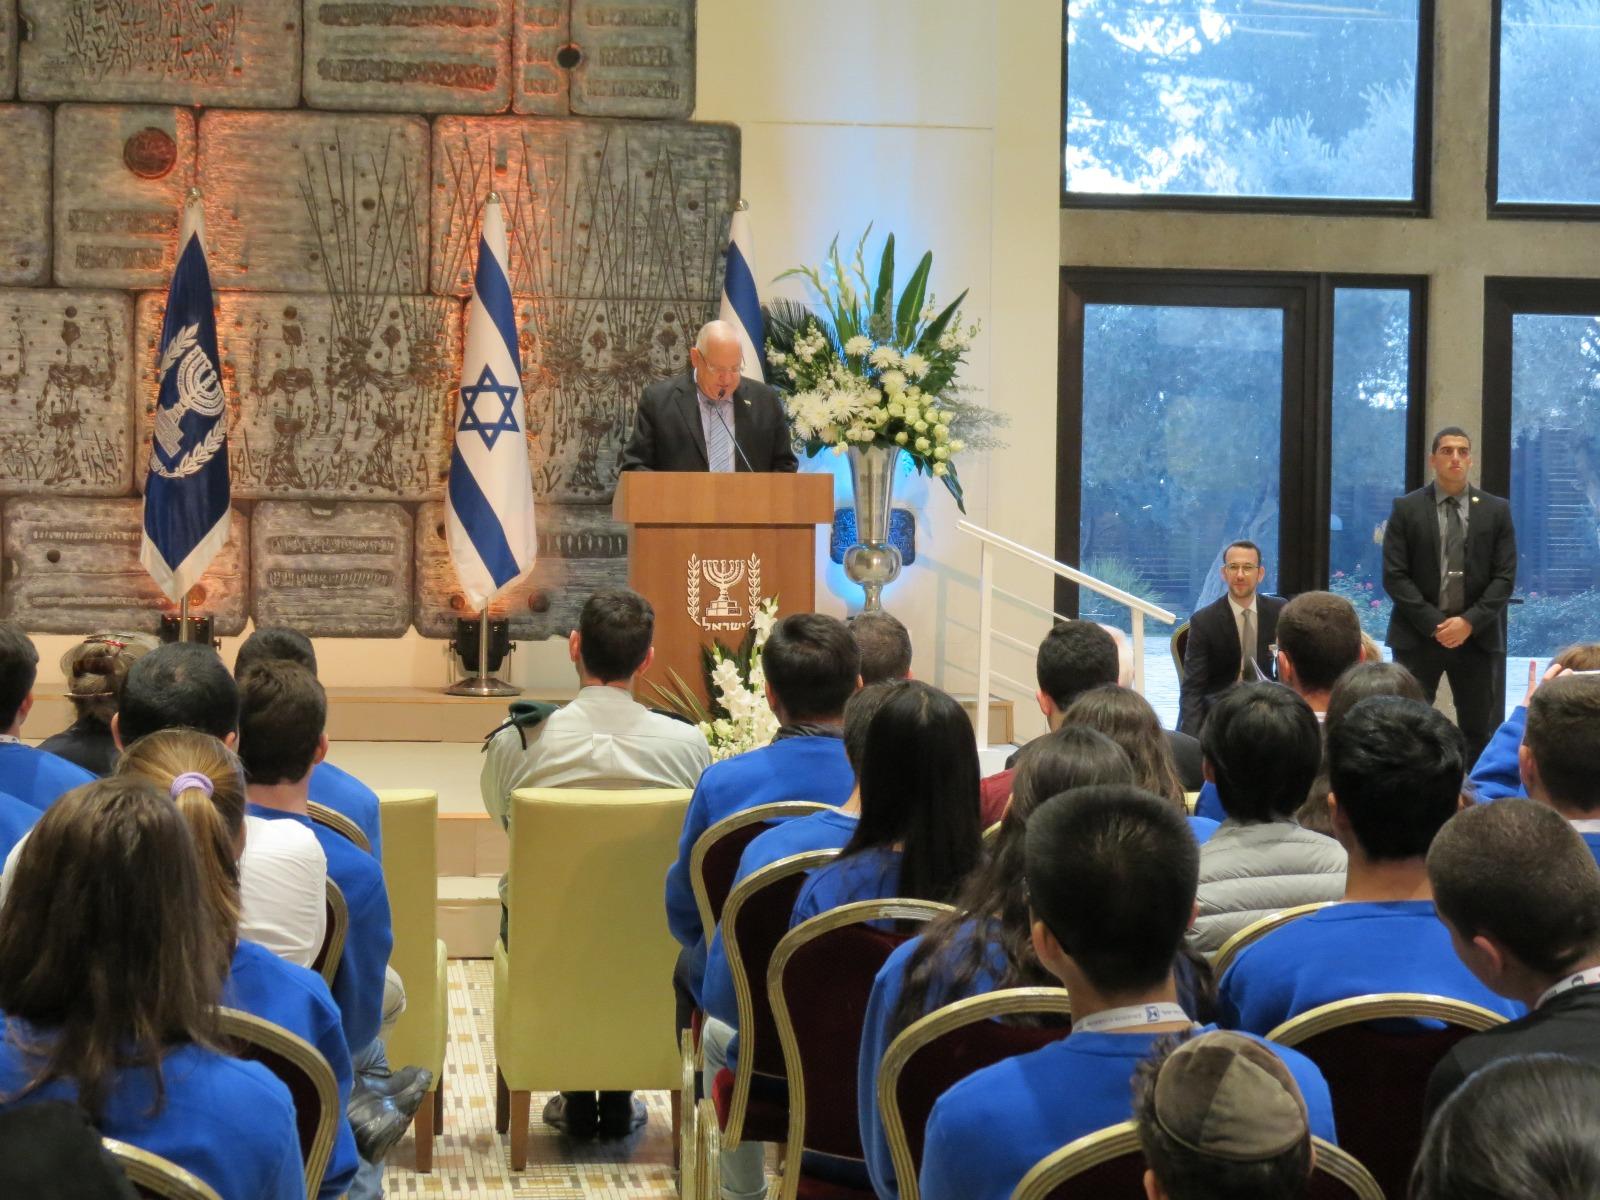 הטקס בבית הנשיא. צילום: יחסי ציבור טינטק